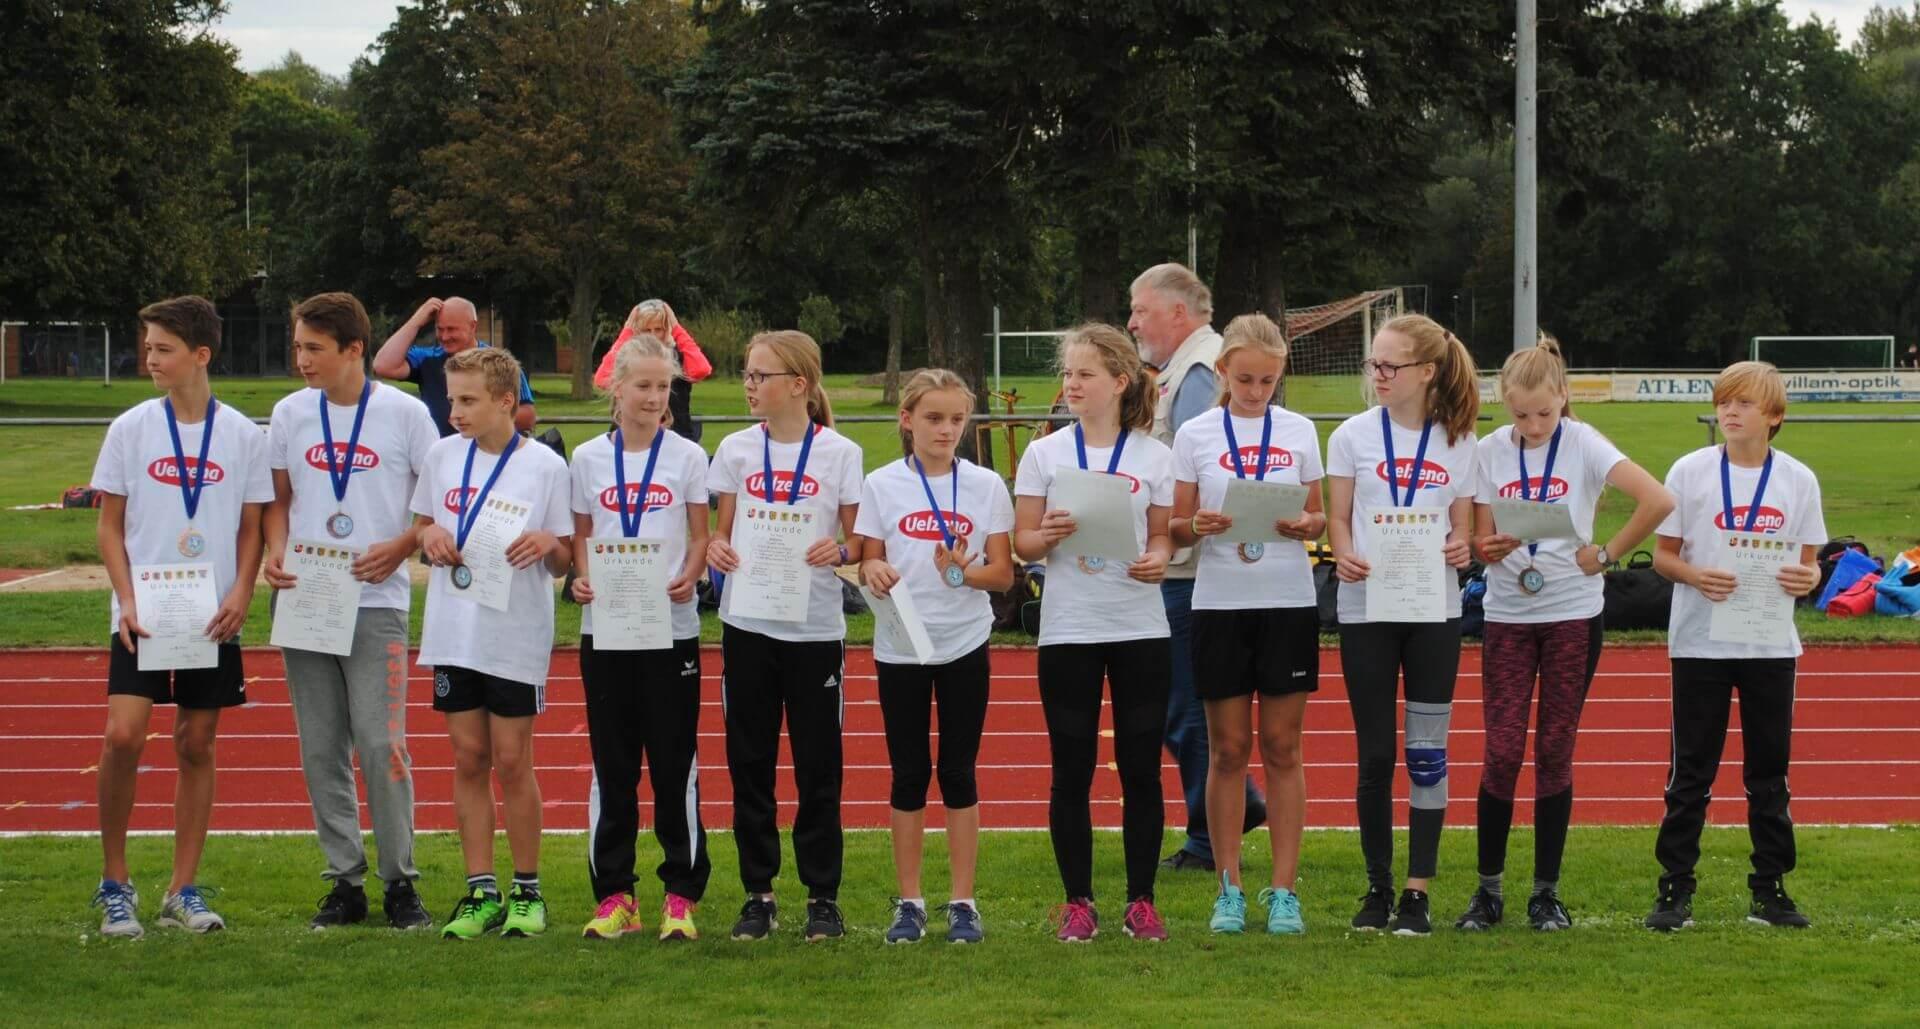 Kreisvergleichswettkampf - Mannschaft M/WJ U14 des KLV Uelzen